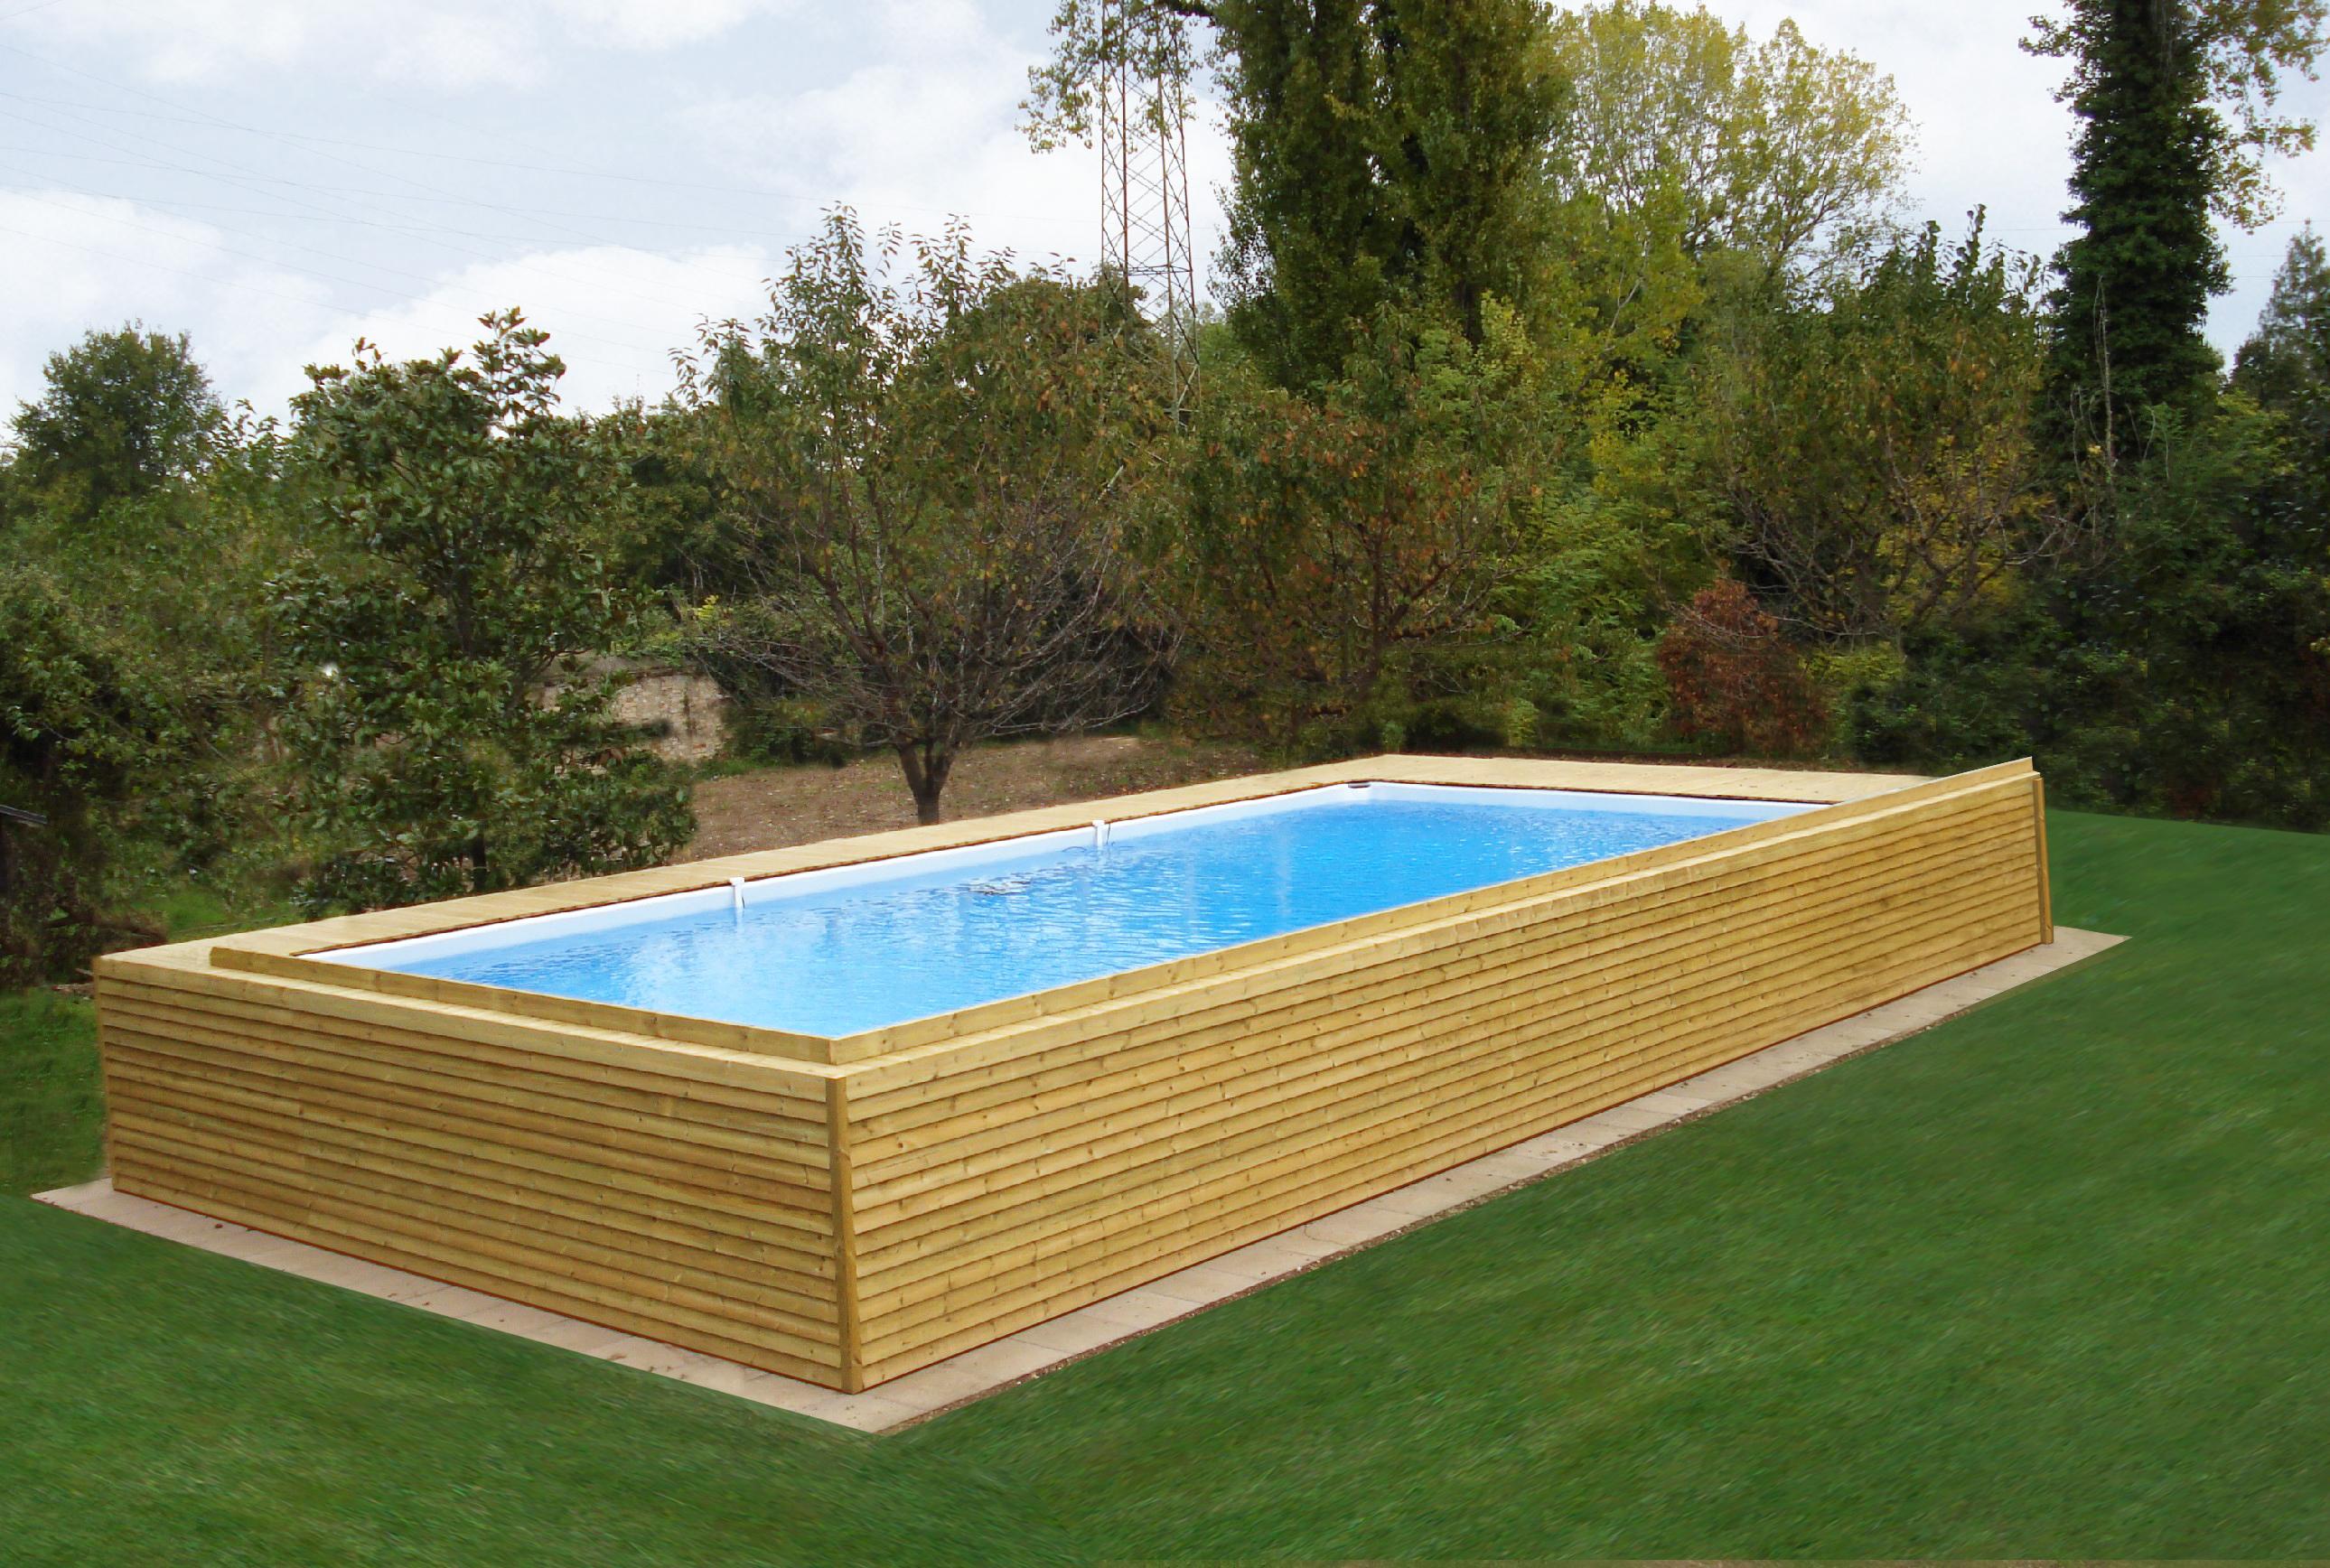 Rivestimento in legno per piscine fuori terra zs15 - Piscina manara prezzi ...